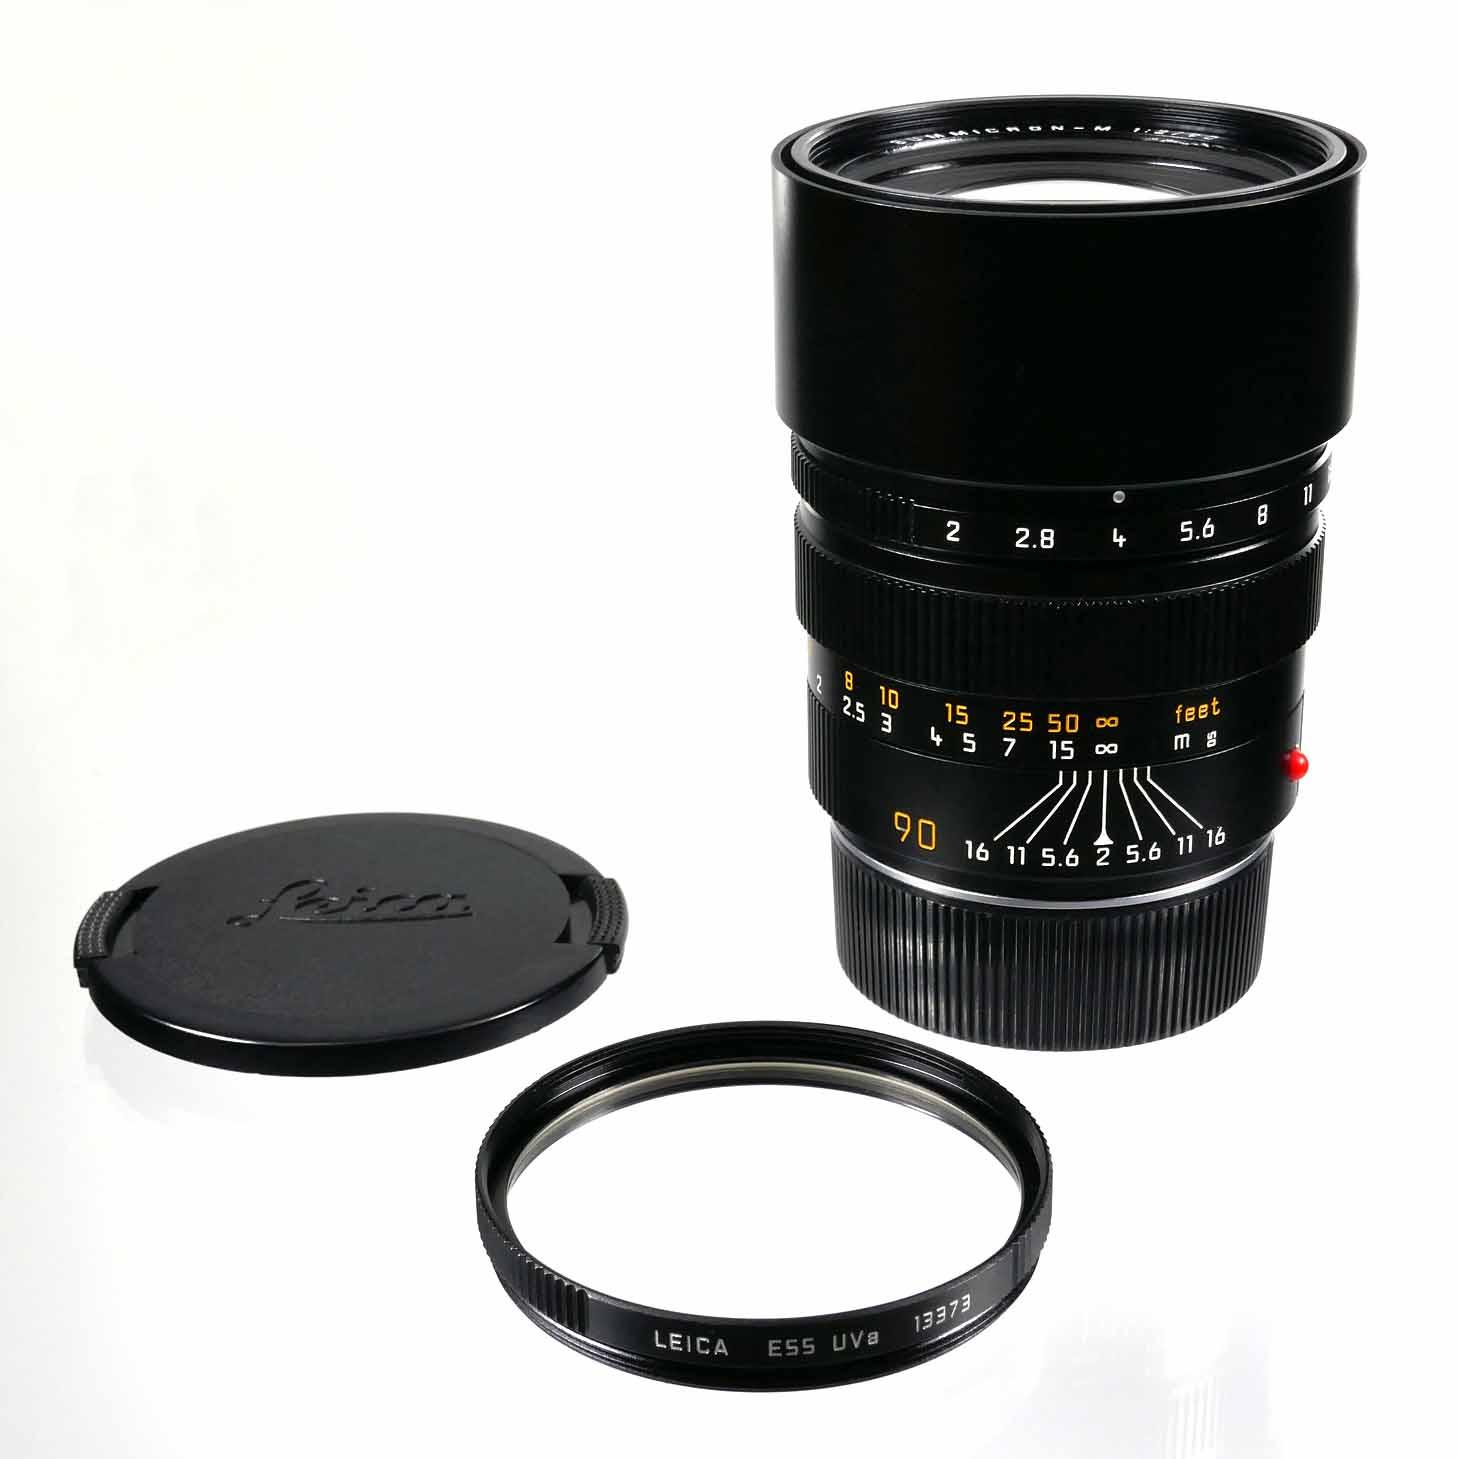 clean-cameras-LEICA-M-Summicron-90mm_2.0-III-06